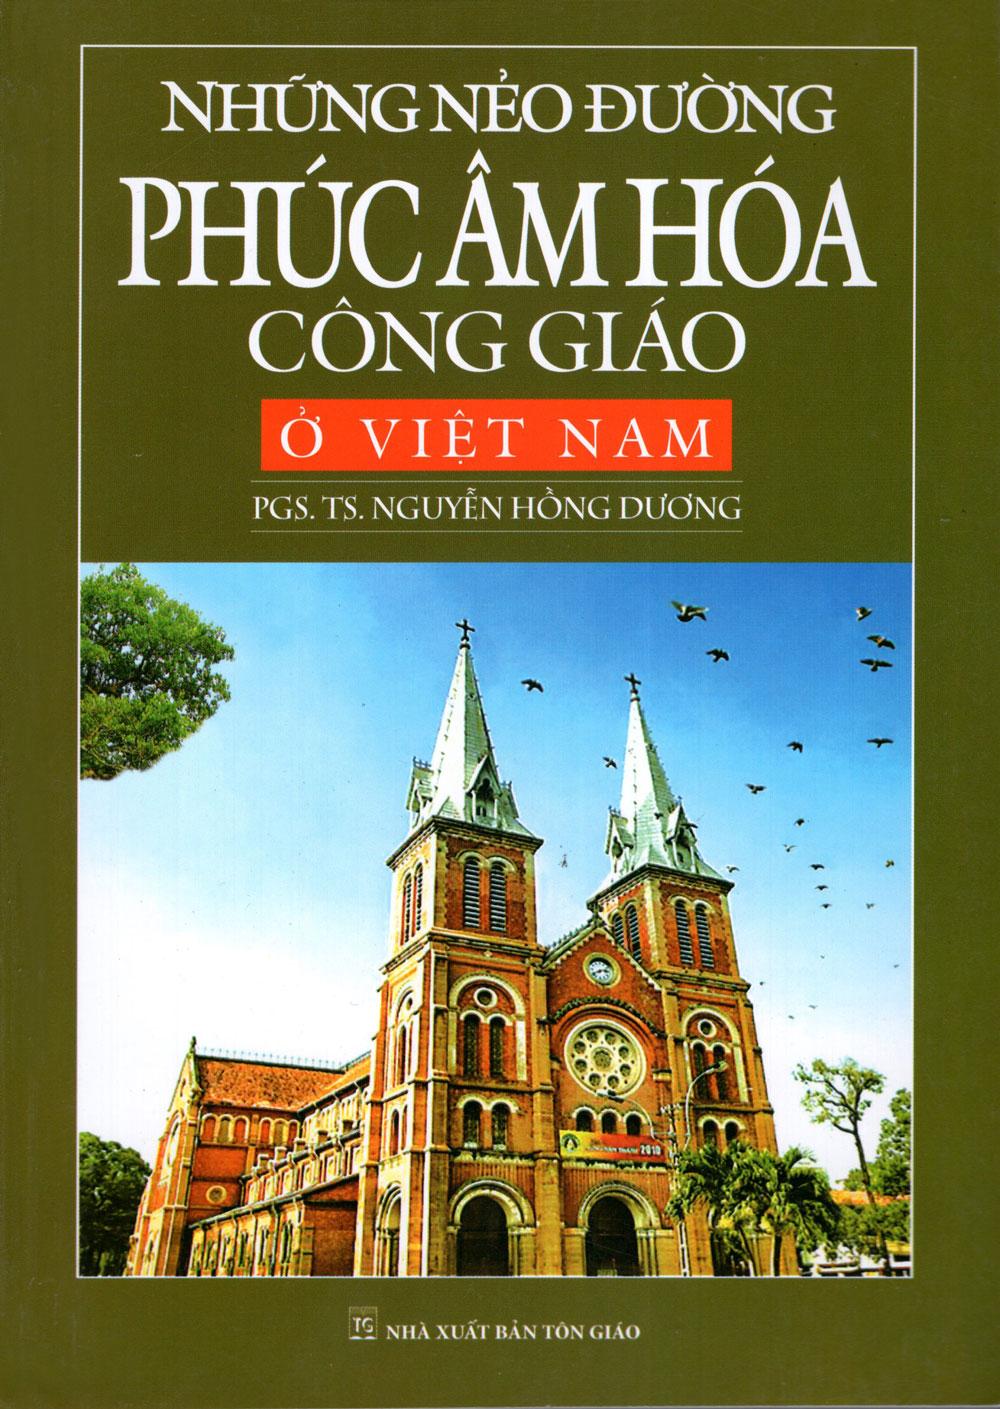 Những Nẻo Đường Phúc Âm Hóa Công Giáo Ở Việt Nam - 8935209630371,62_260126,160000,tiki.vn,Nhung-Neo-Duong-Phuc-Am-Hoa-Cong-Giao-O-Viet-Nam-62_260126,Những Nẻo Đường Phúc Âm Hóa Công Giáo Ở Việt Nam